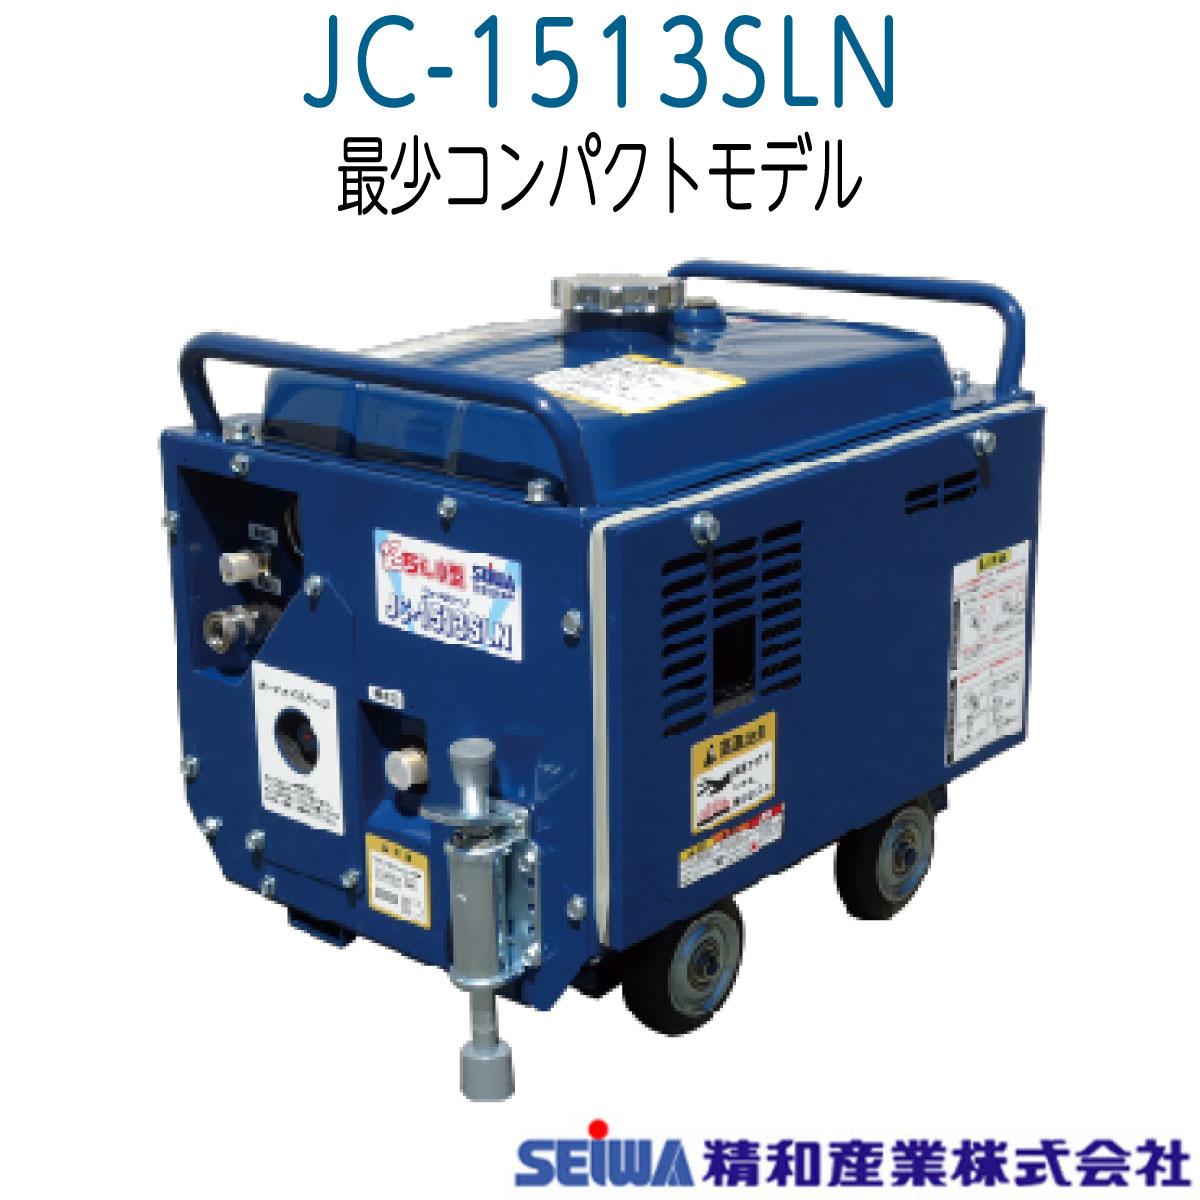 精和産業 JC1513SLN(オリジナルセット)